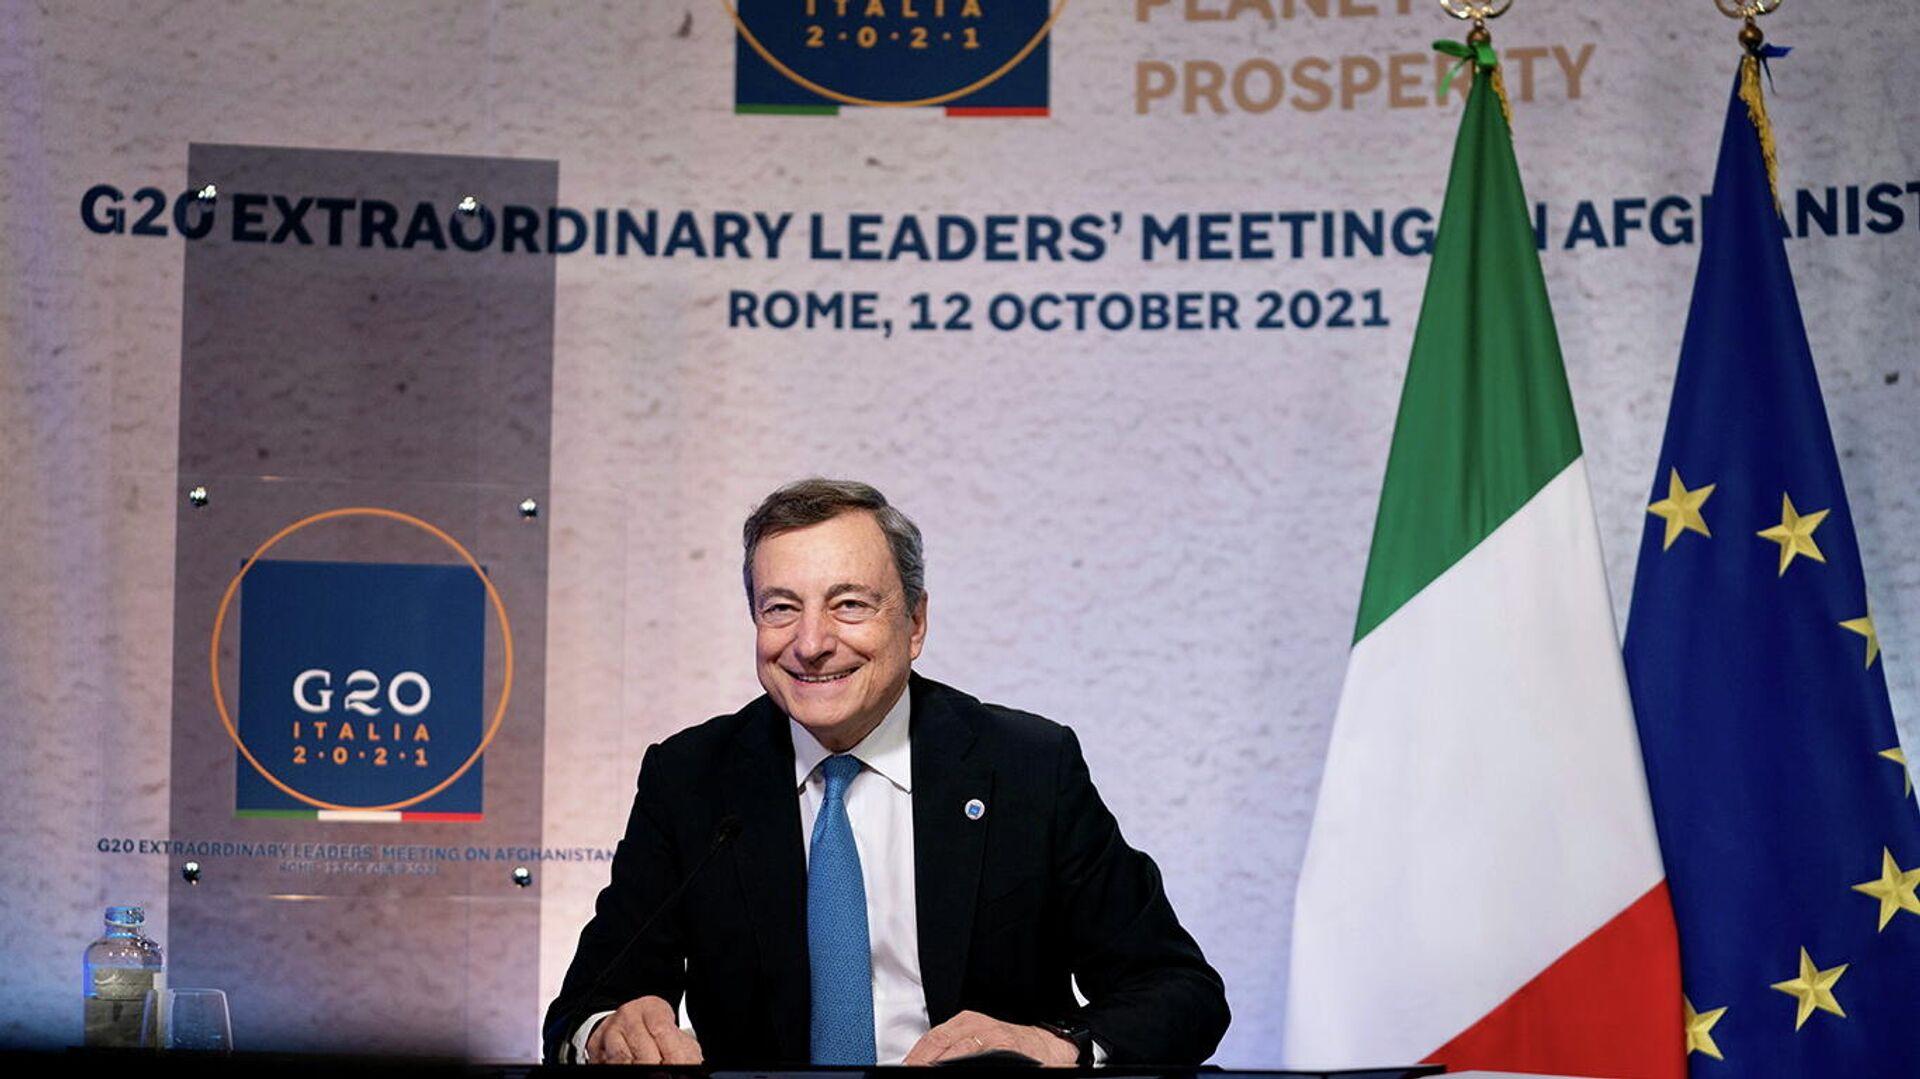 Italiens Regierungschef Mario Draghi führt den Vorsitz des G20-Sondergipfels zu Afghanistan. Rom, 12. Oktober 2021 - SNA, 1920, 12.10.2021